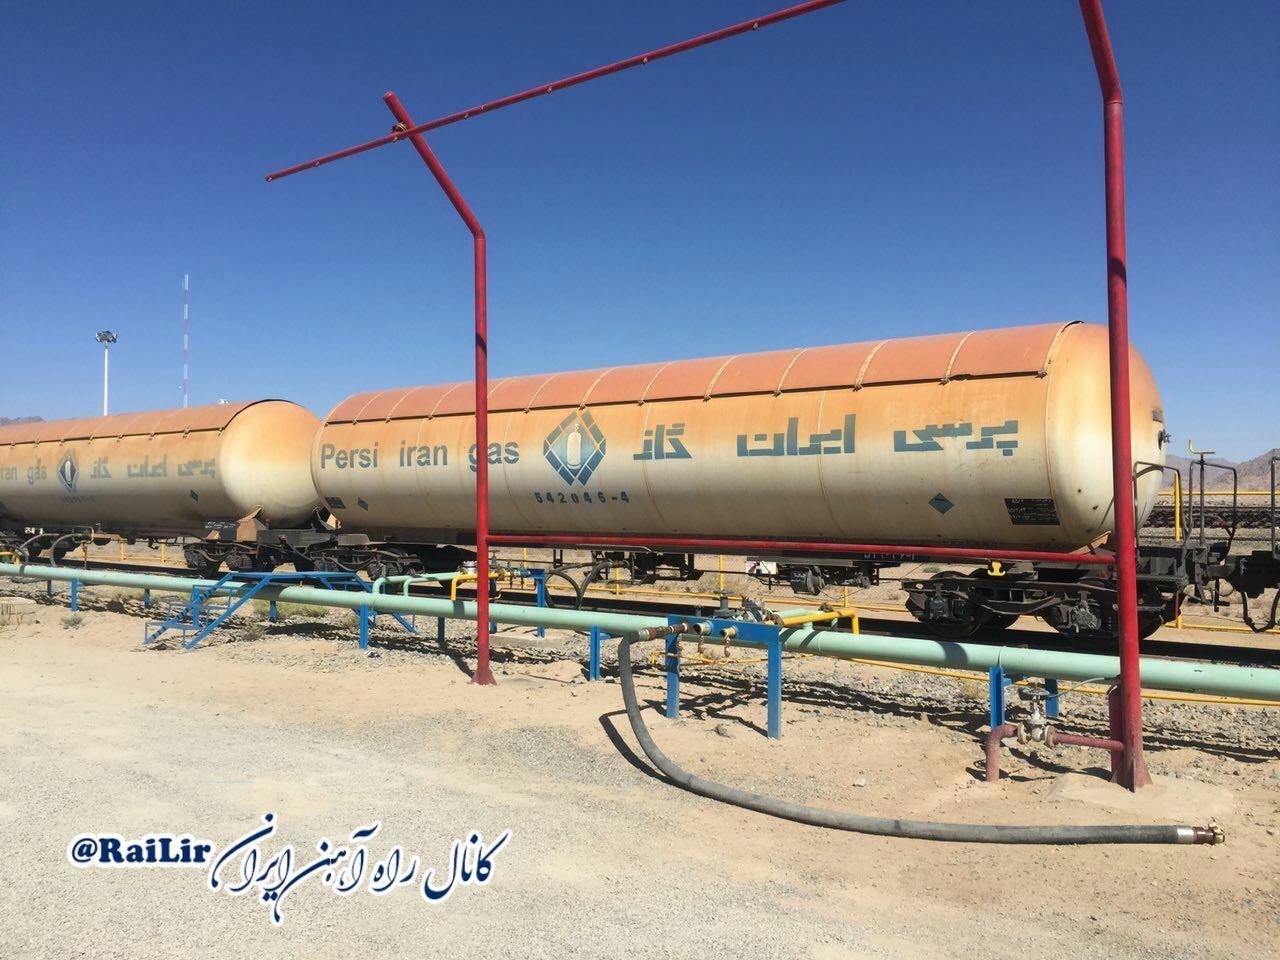 انتقال ریلی گاز مایع از زاهدان به پاکستان در دستور کار قرار می گیرد